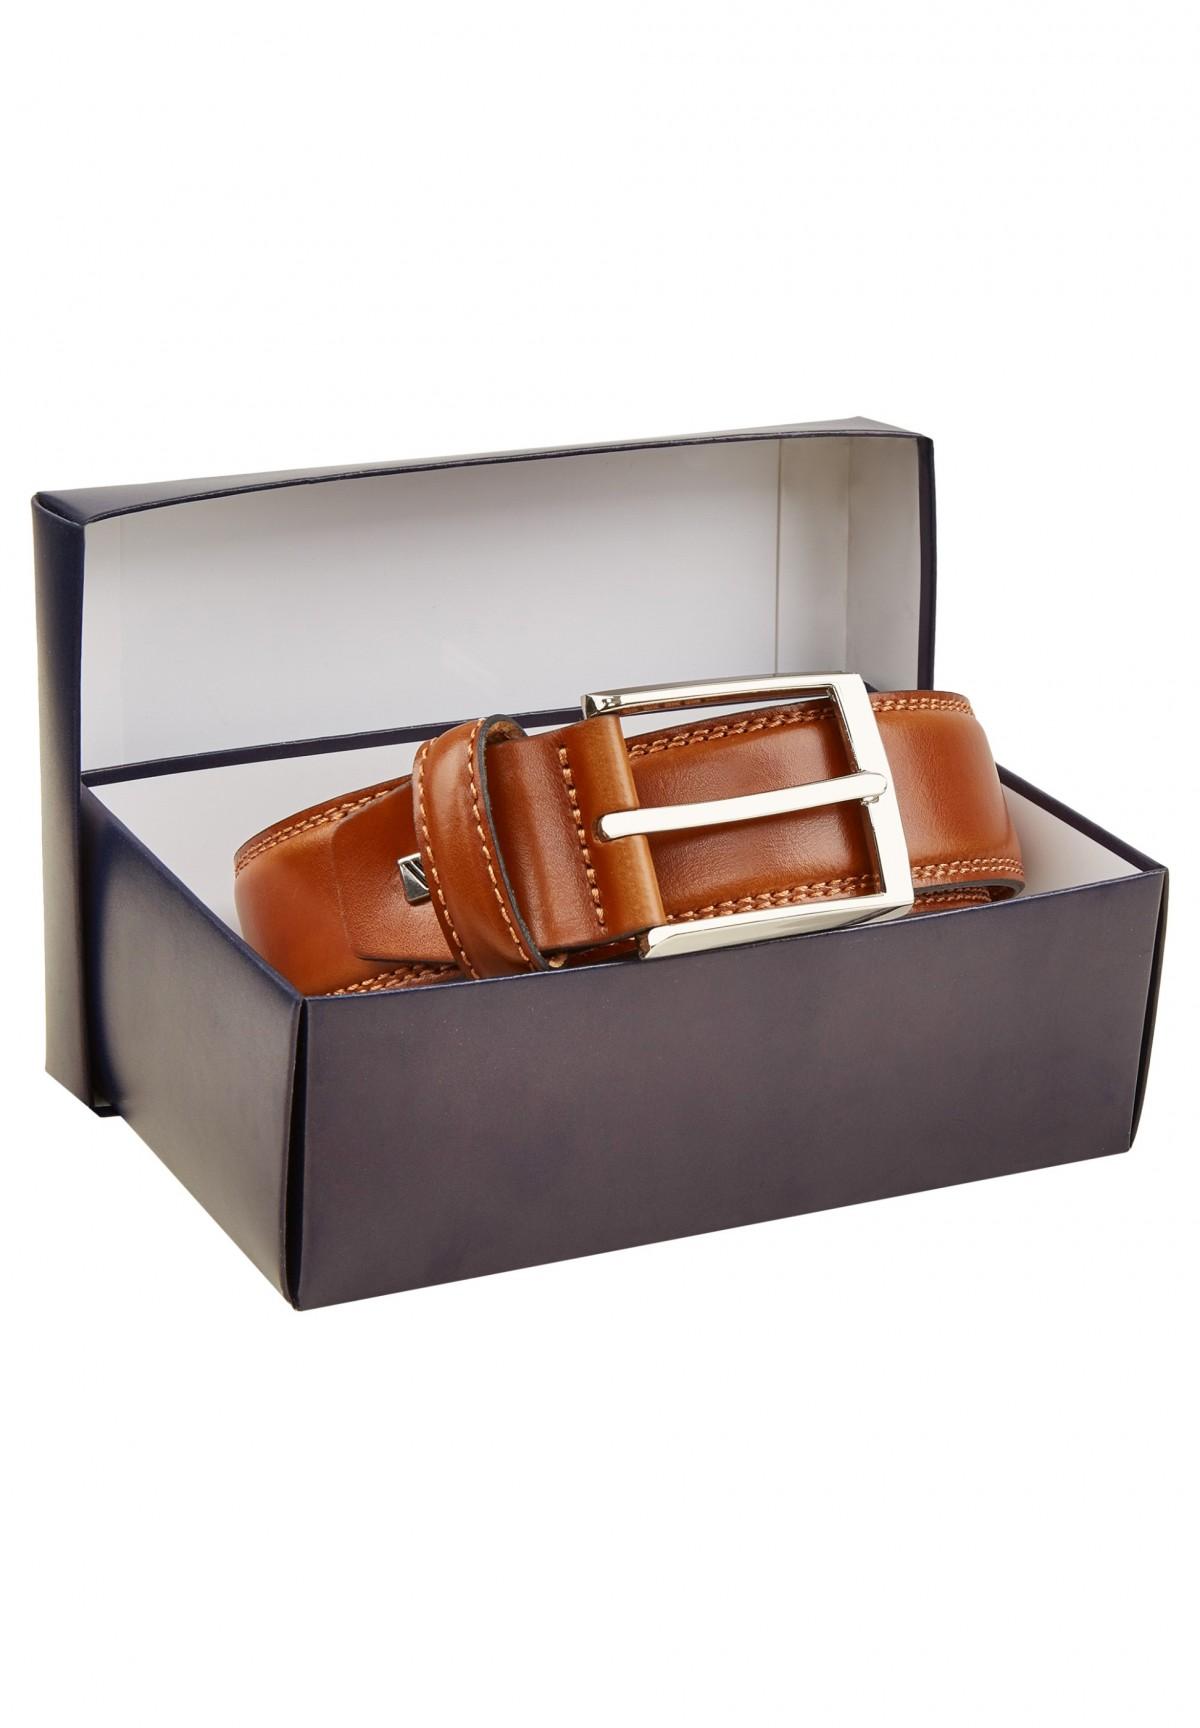 Hochwertiger Ledergürtel in Geschenkbox / Hochwertiger Ledergürtel in Geschenkbox